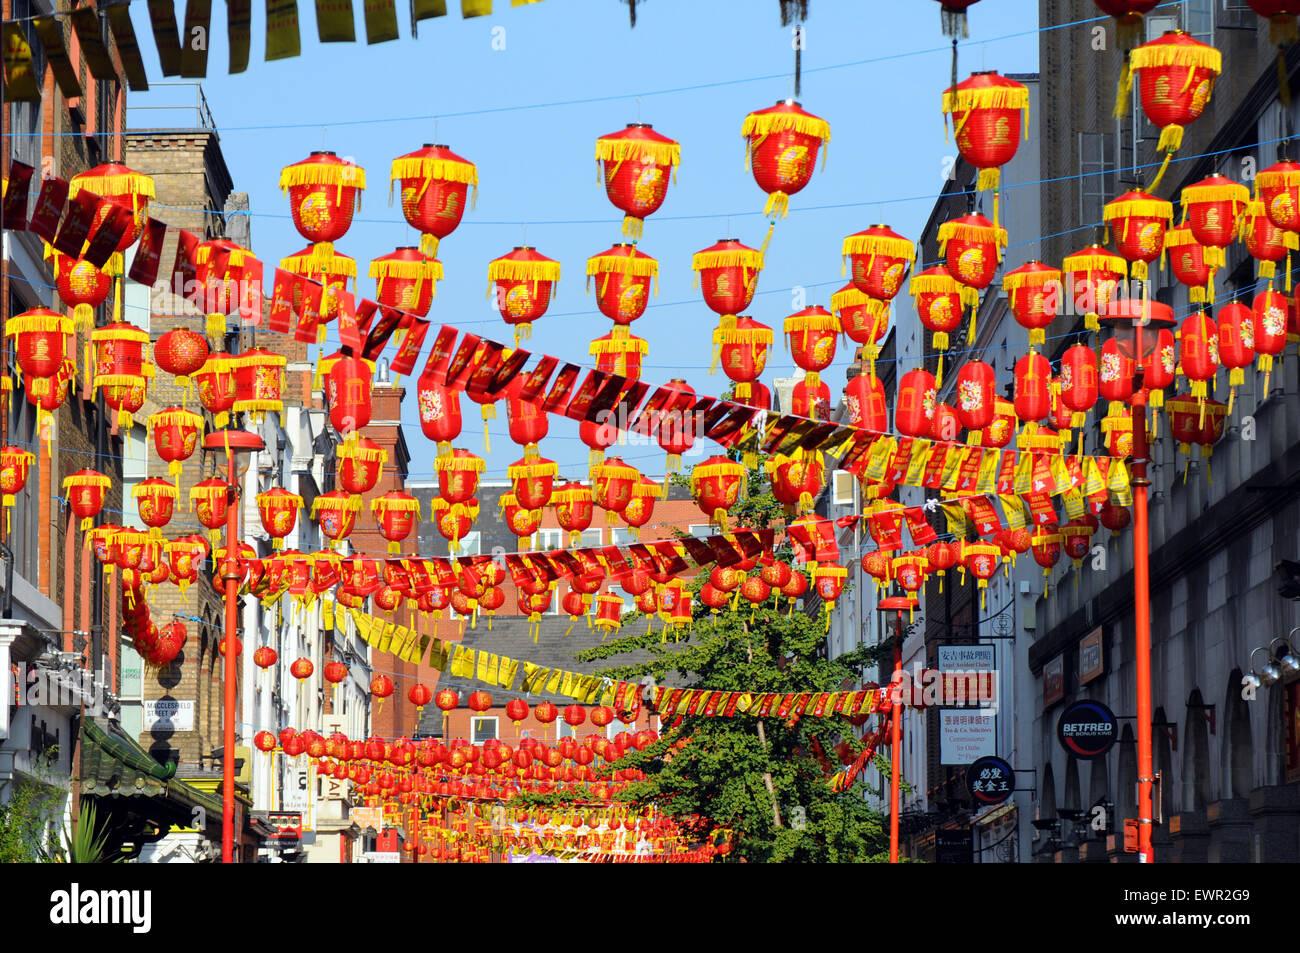 London, UK, 22 September 2014, Chinese Lanterns hanging in Gerrard Street in China Town, Soho. - Stock Image